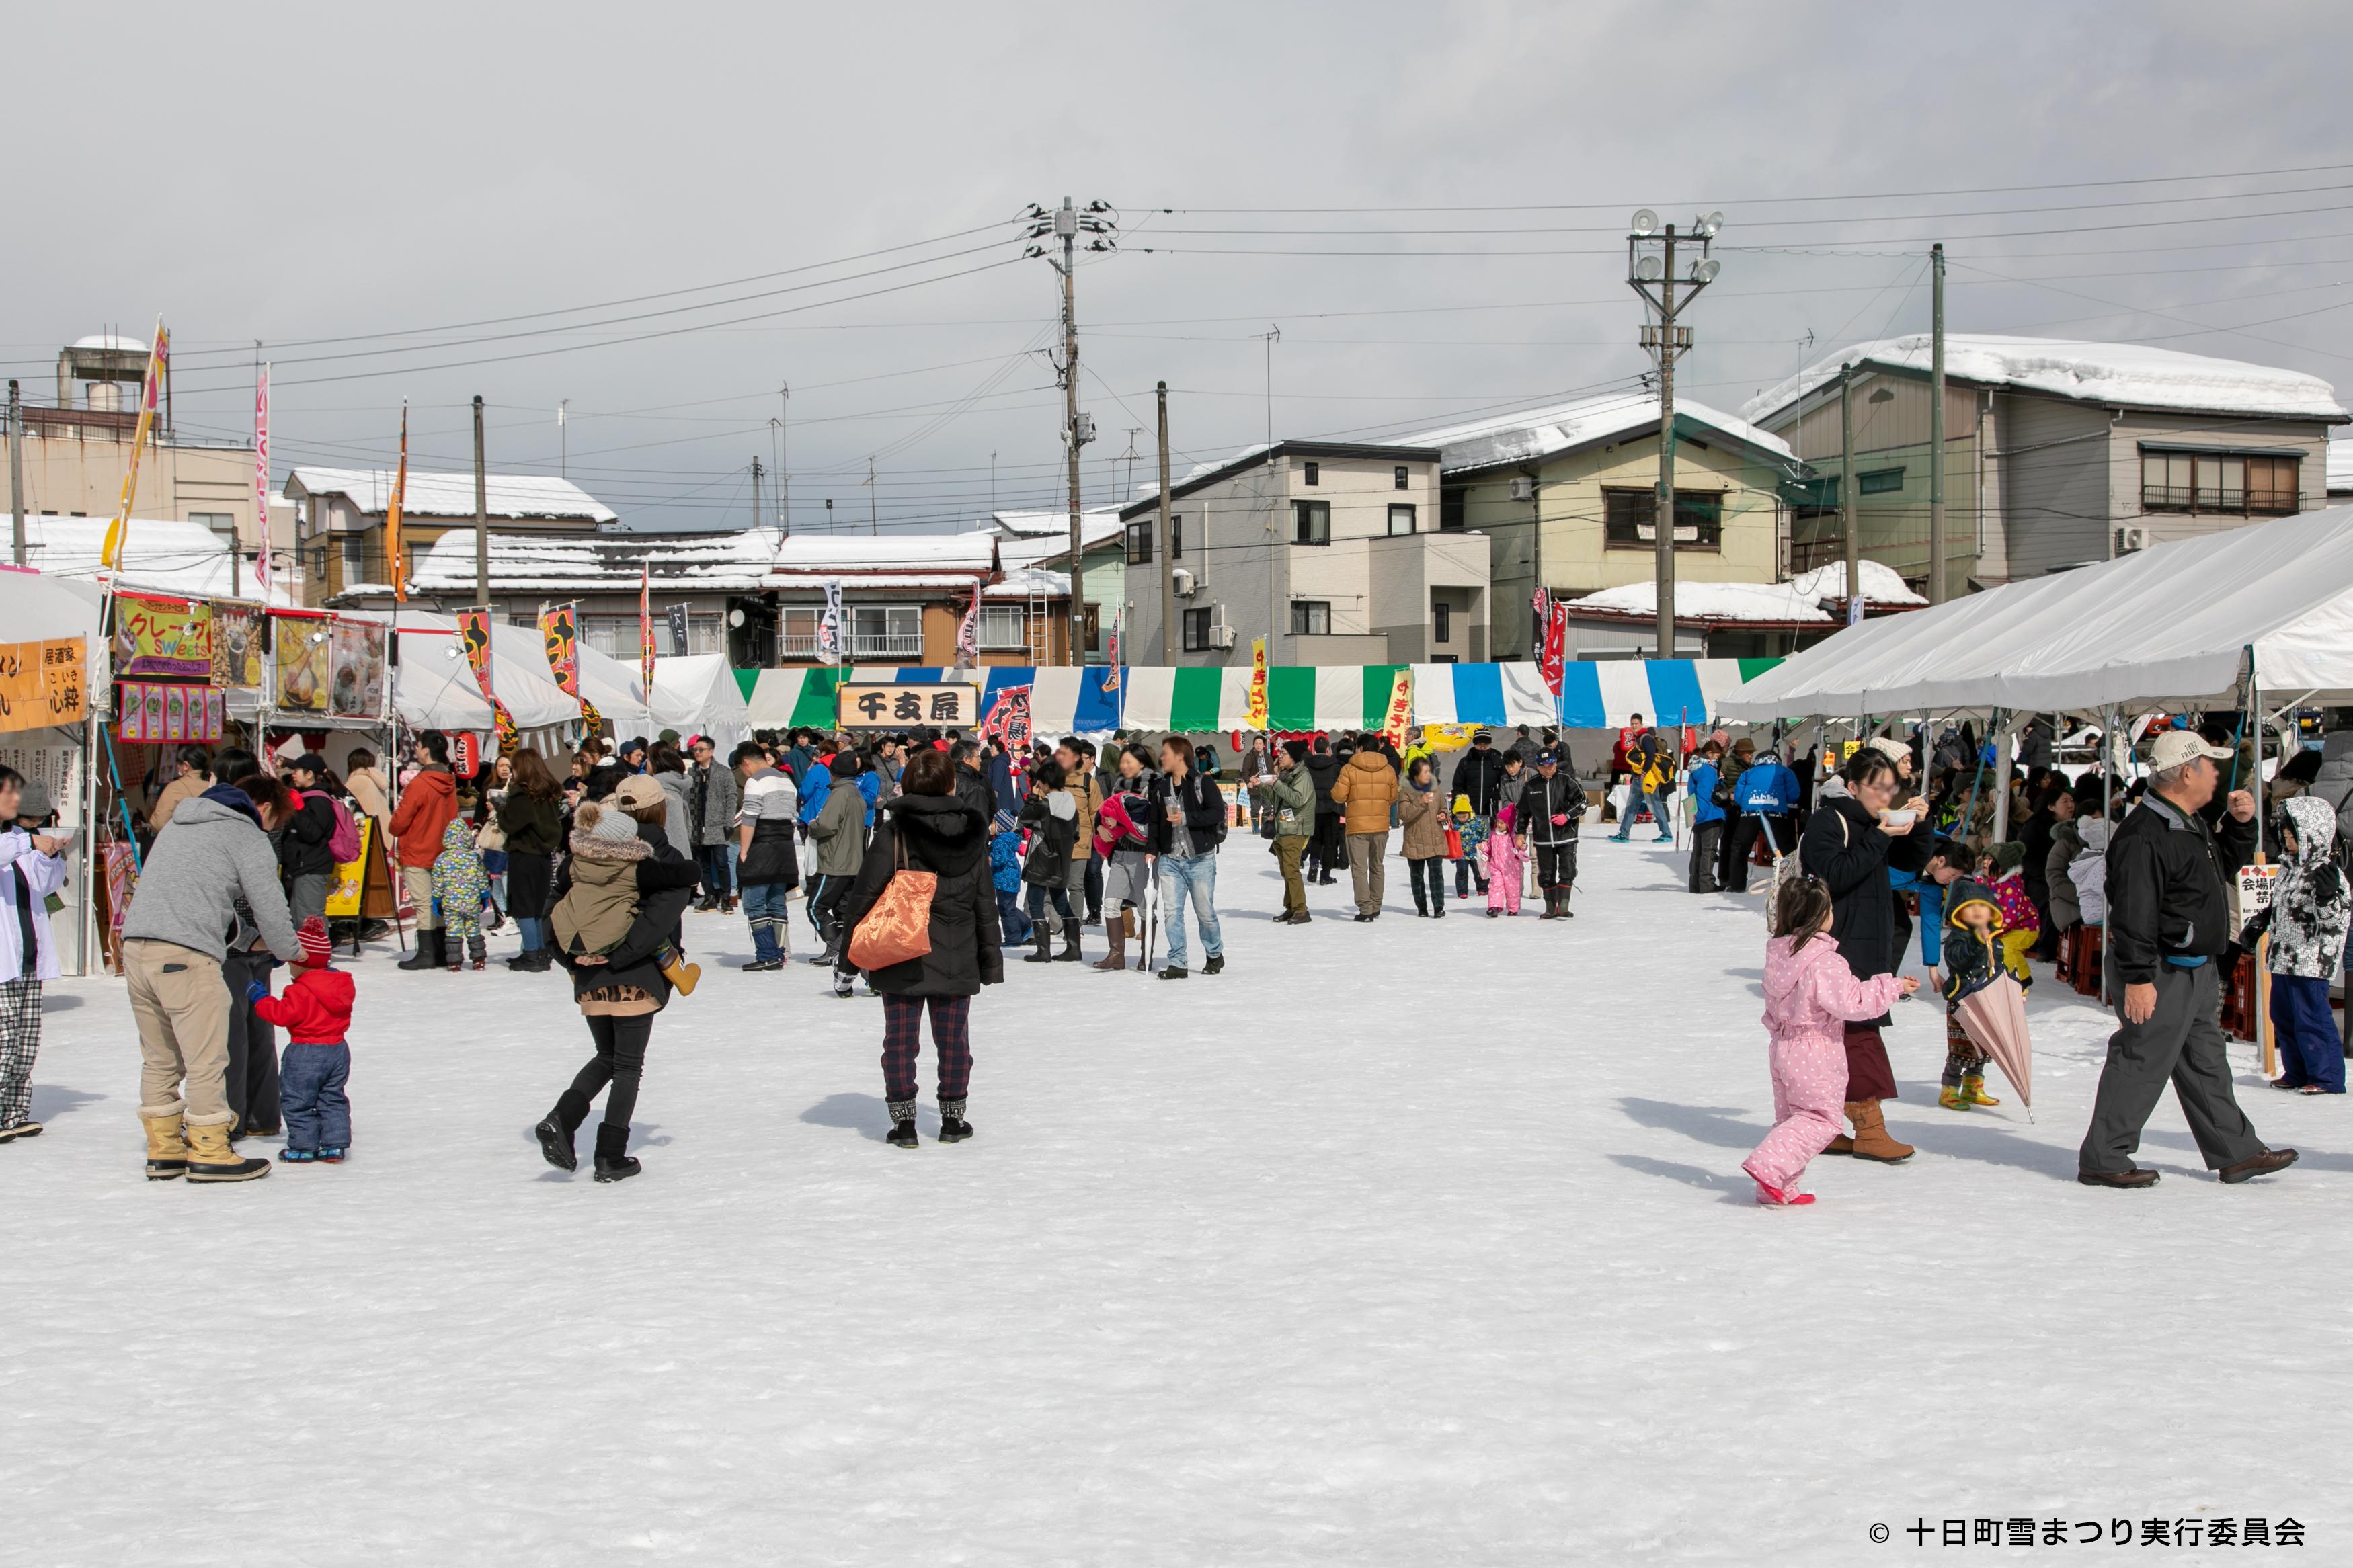 十日町雪まつり_3